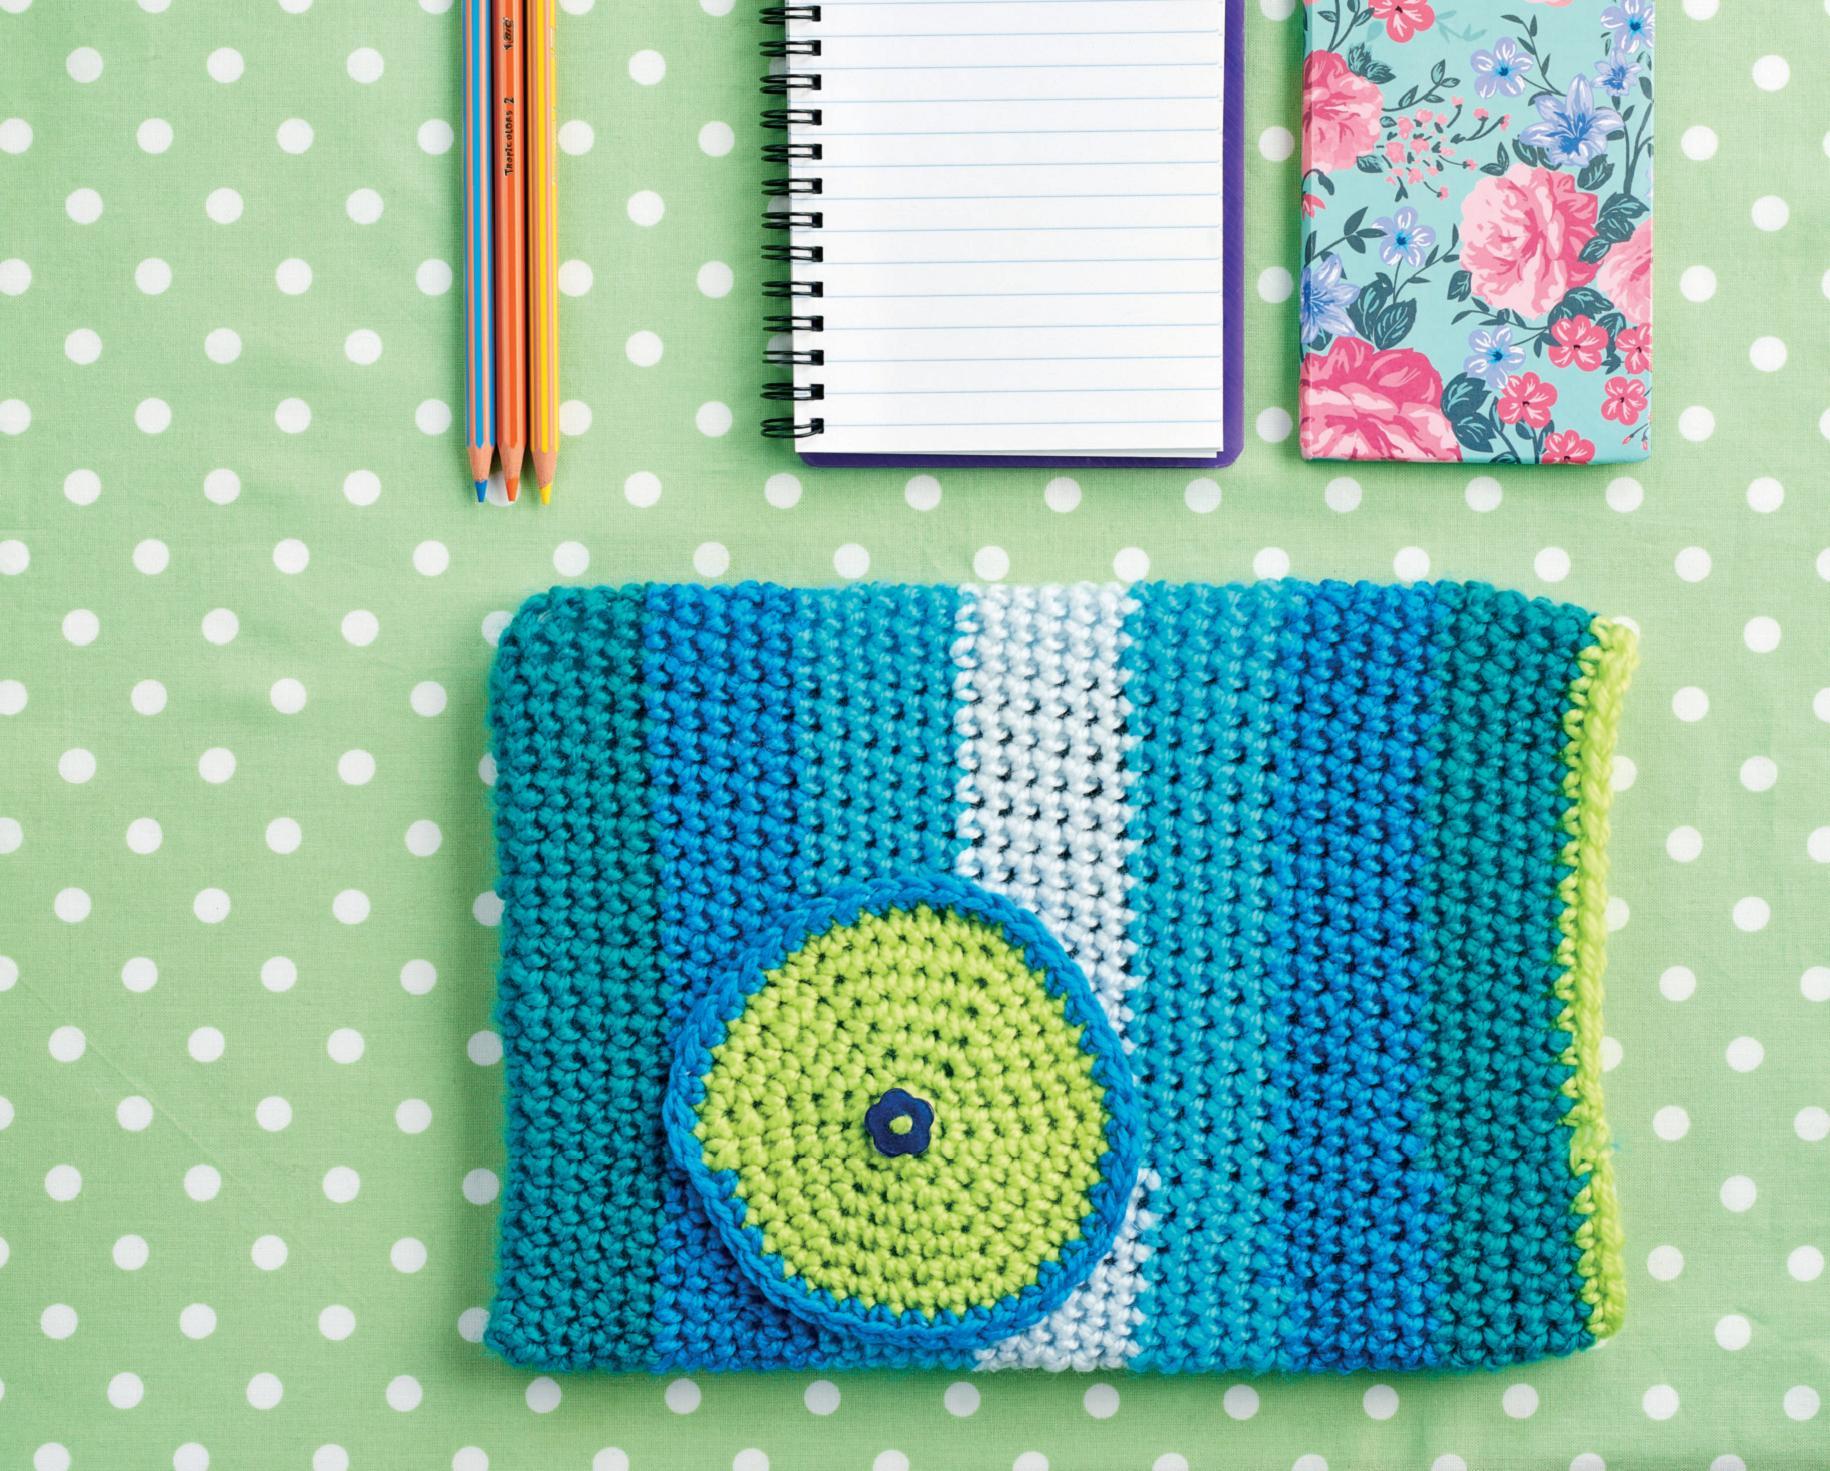 crochet ipad case crochet pattern